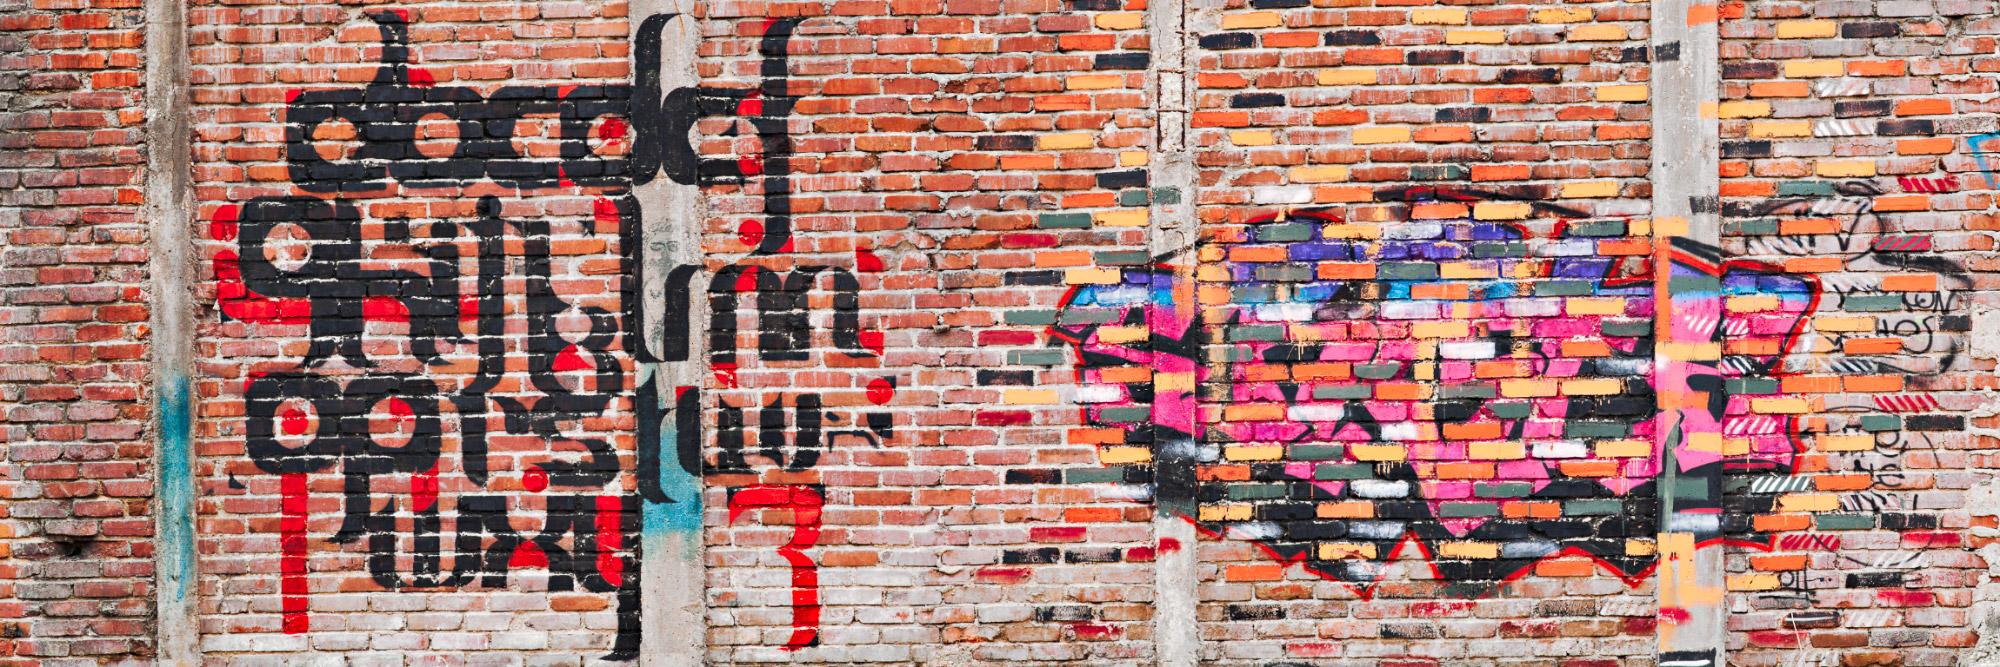 Graff sur une friche industrielle, Le Havre